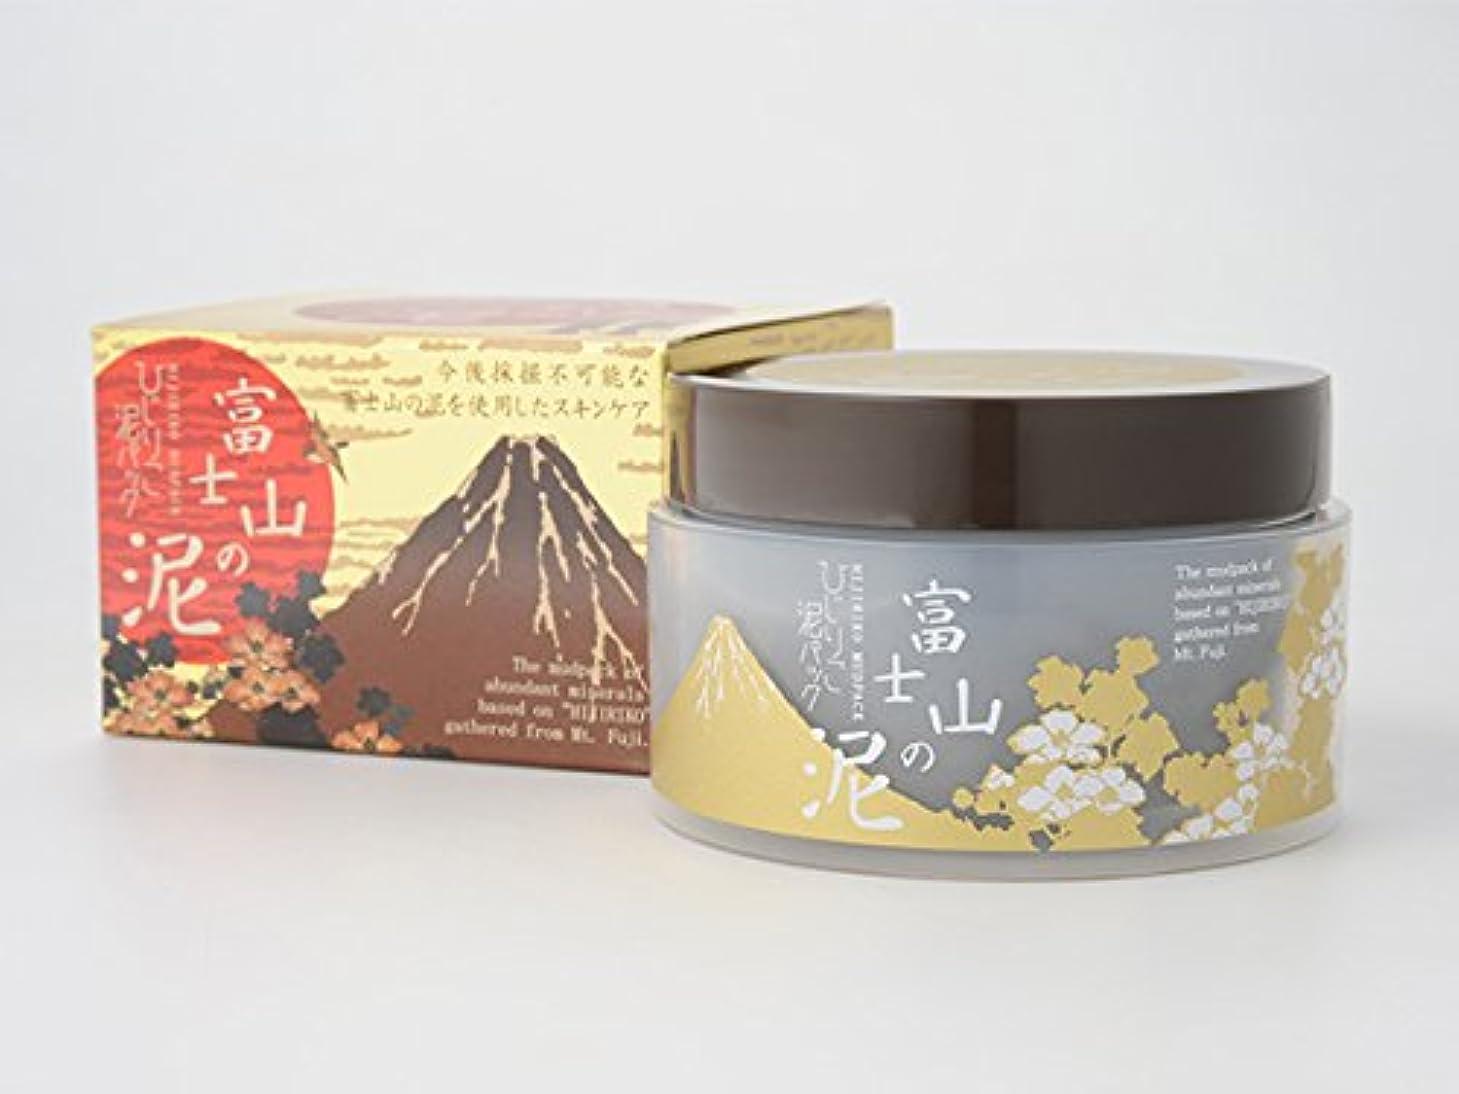 意味のあるつまずくインペリアルひじりこ化粧品 ひじりこ泥パックS 富士山の泥 120g